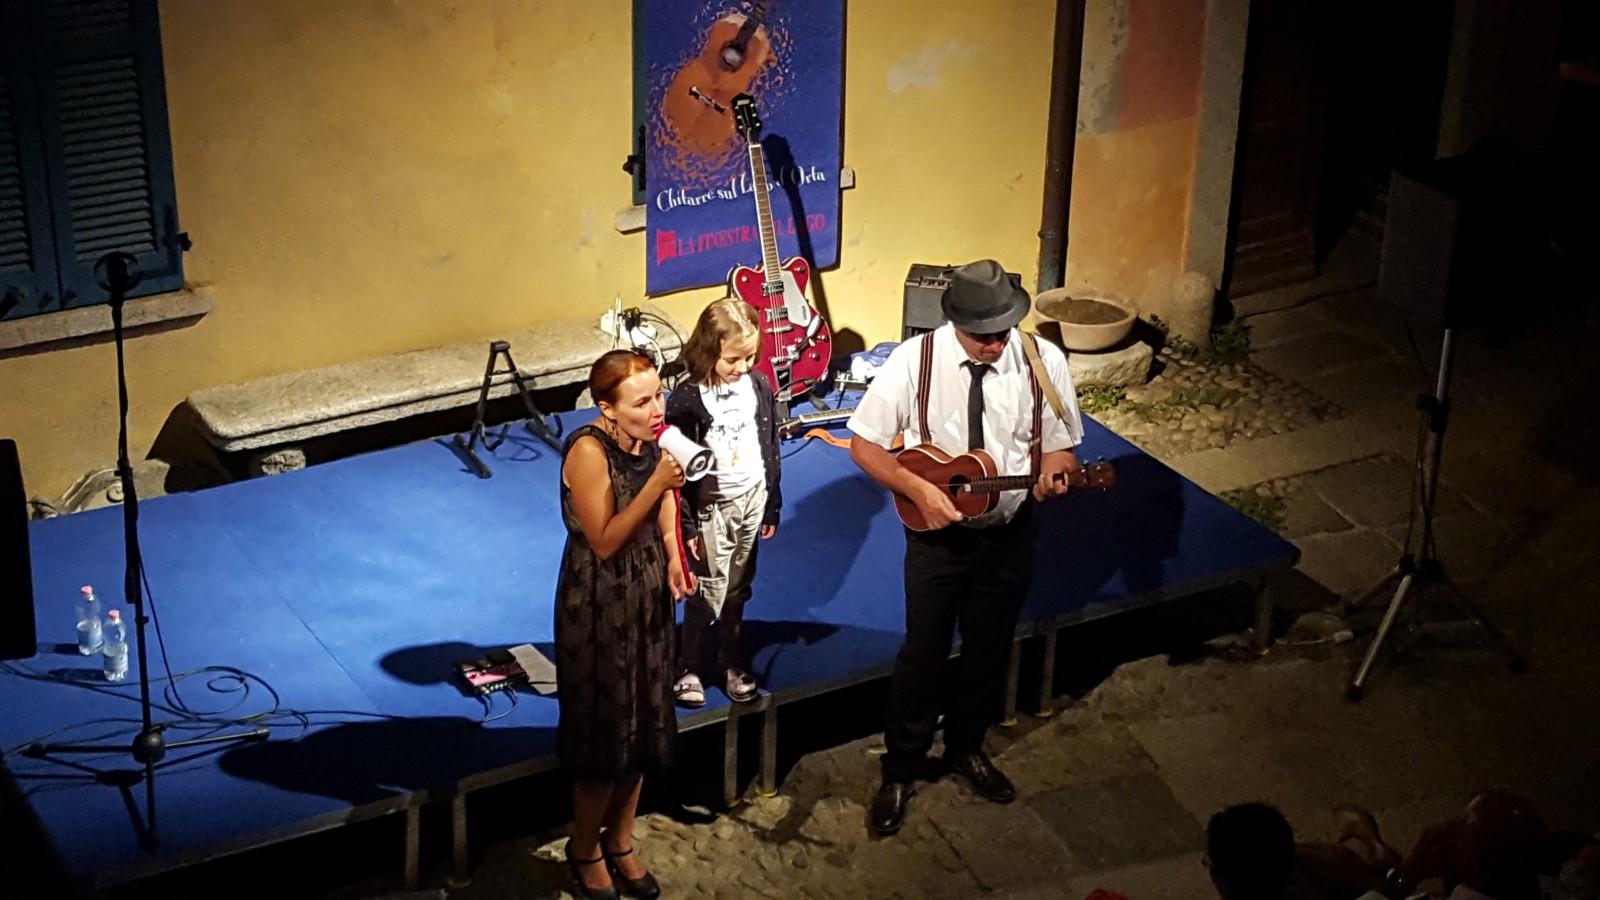 Un paese a sei corde Camarella- Facchini con bimba